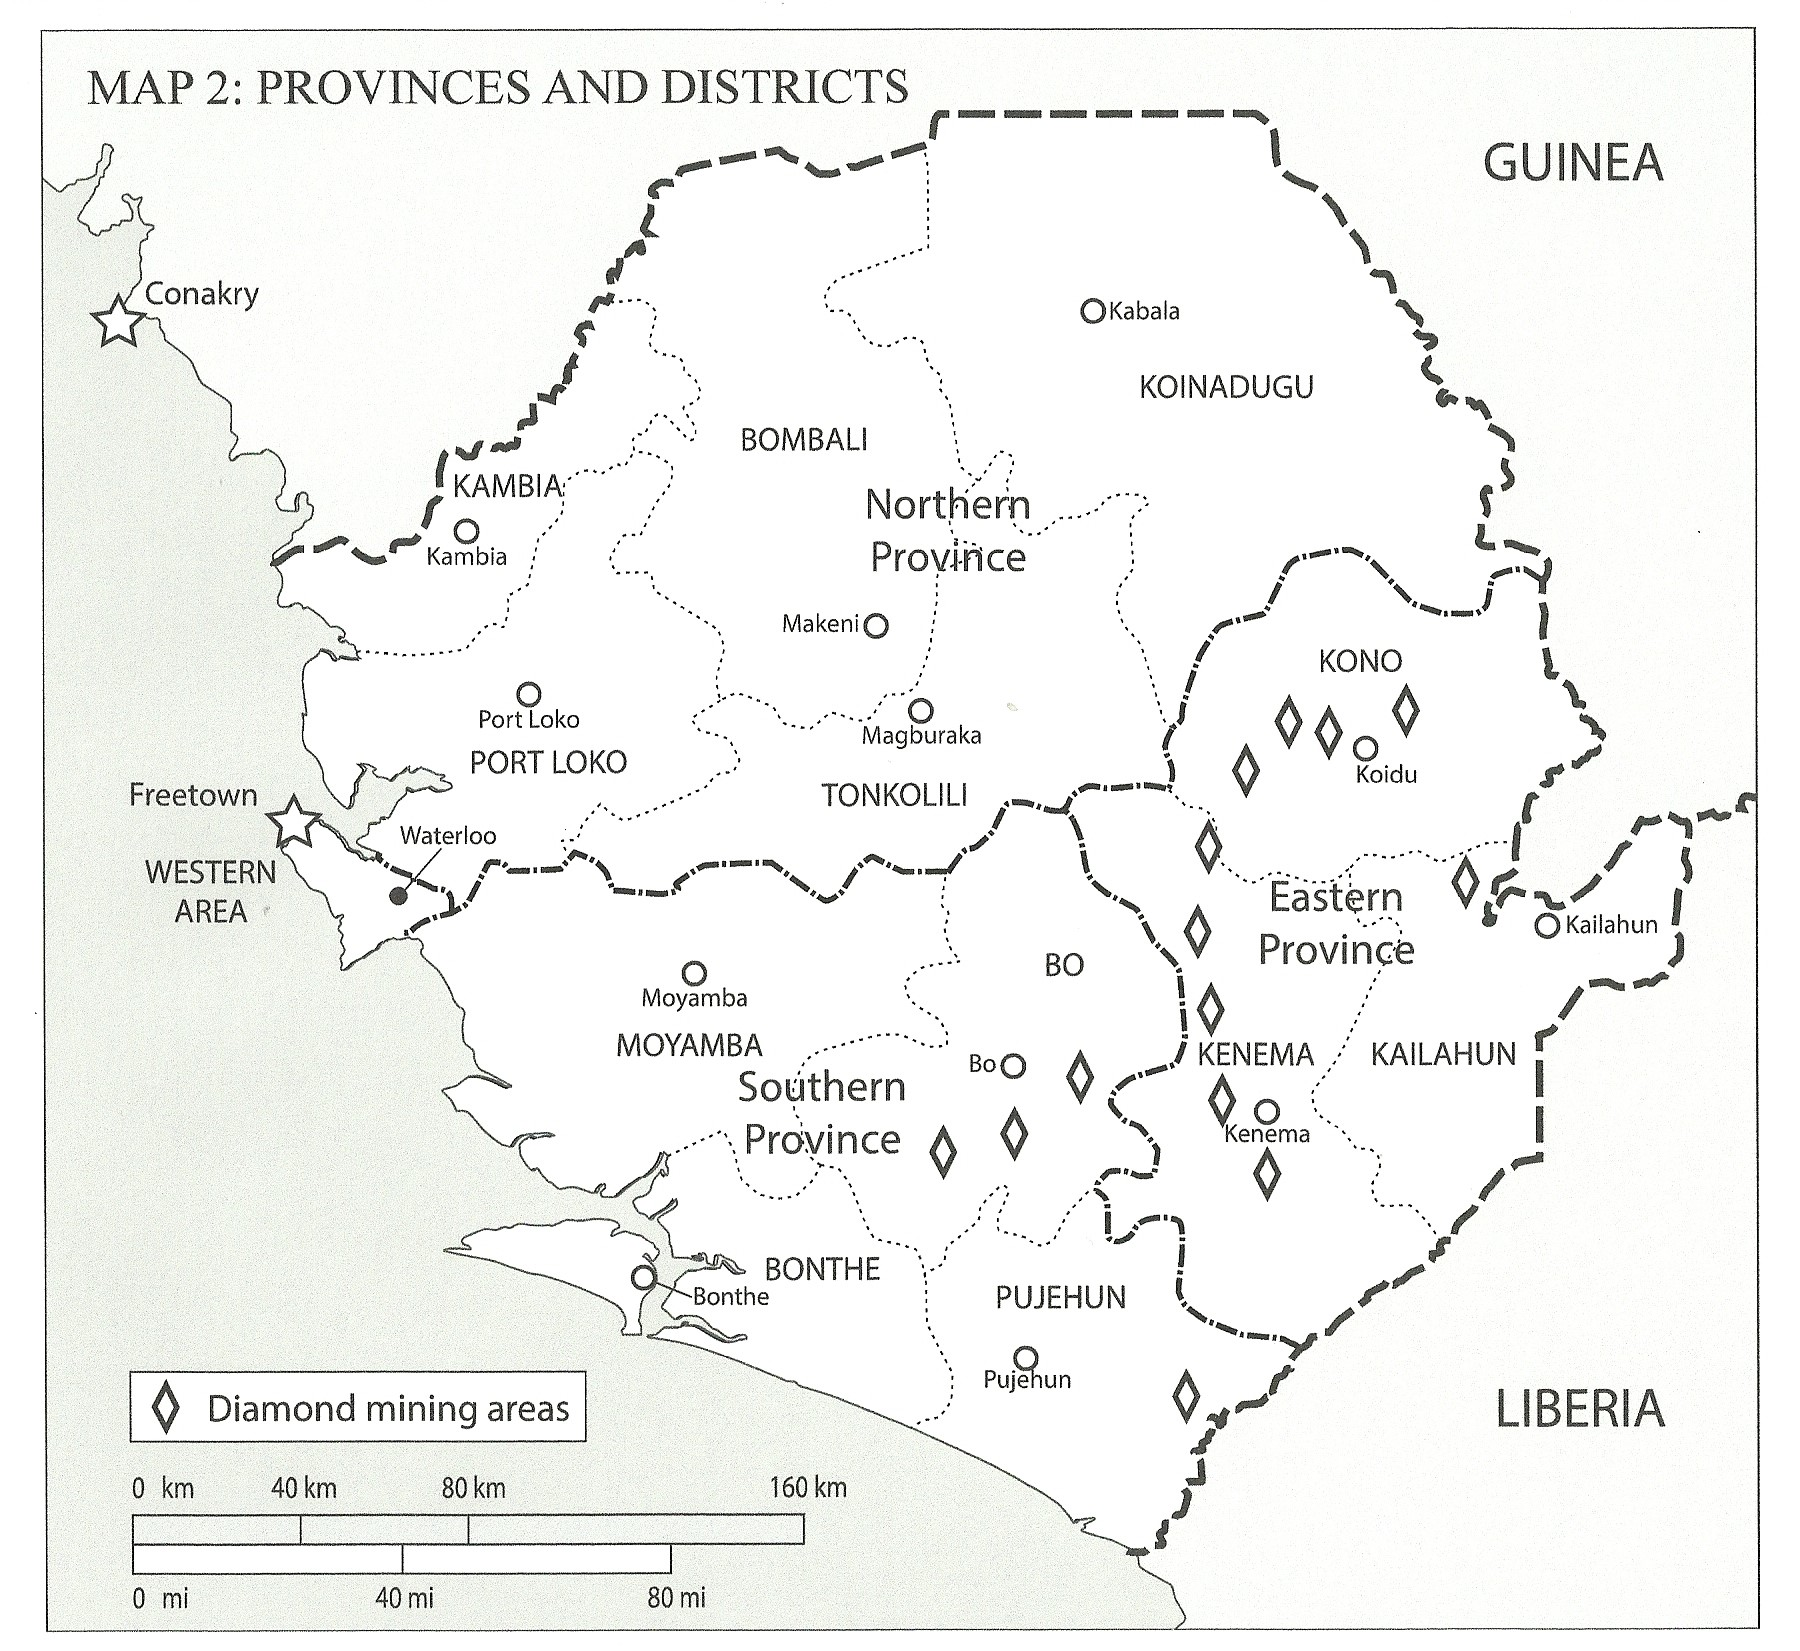 Sierra Leone Maps – Sierra Leone: Inside the War